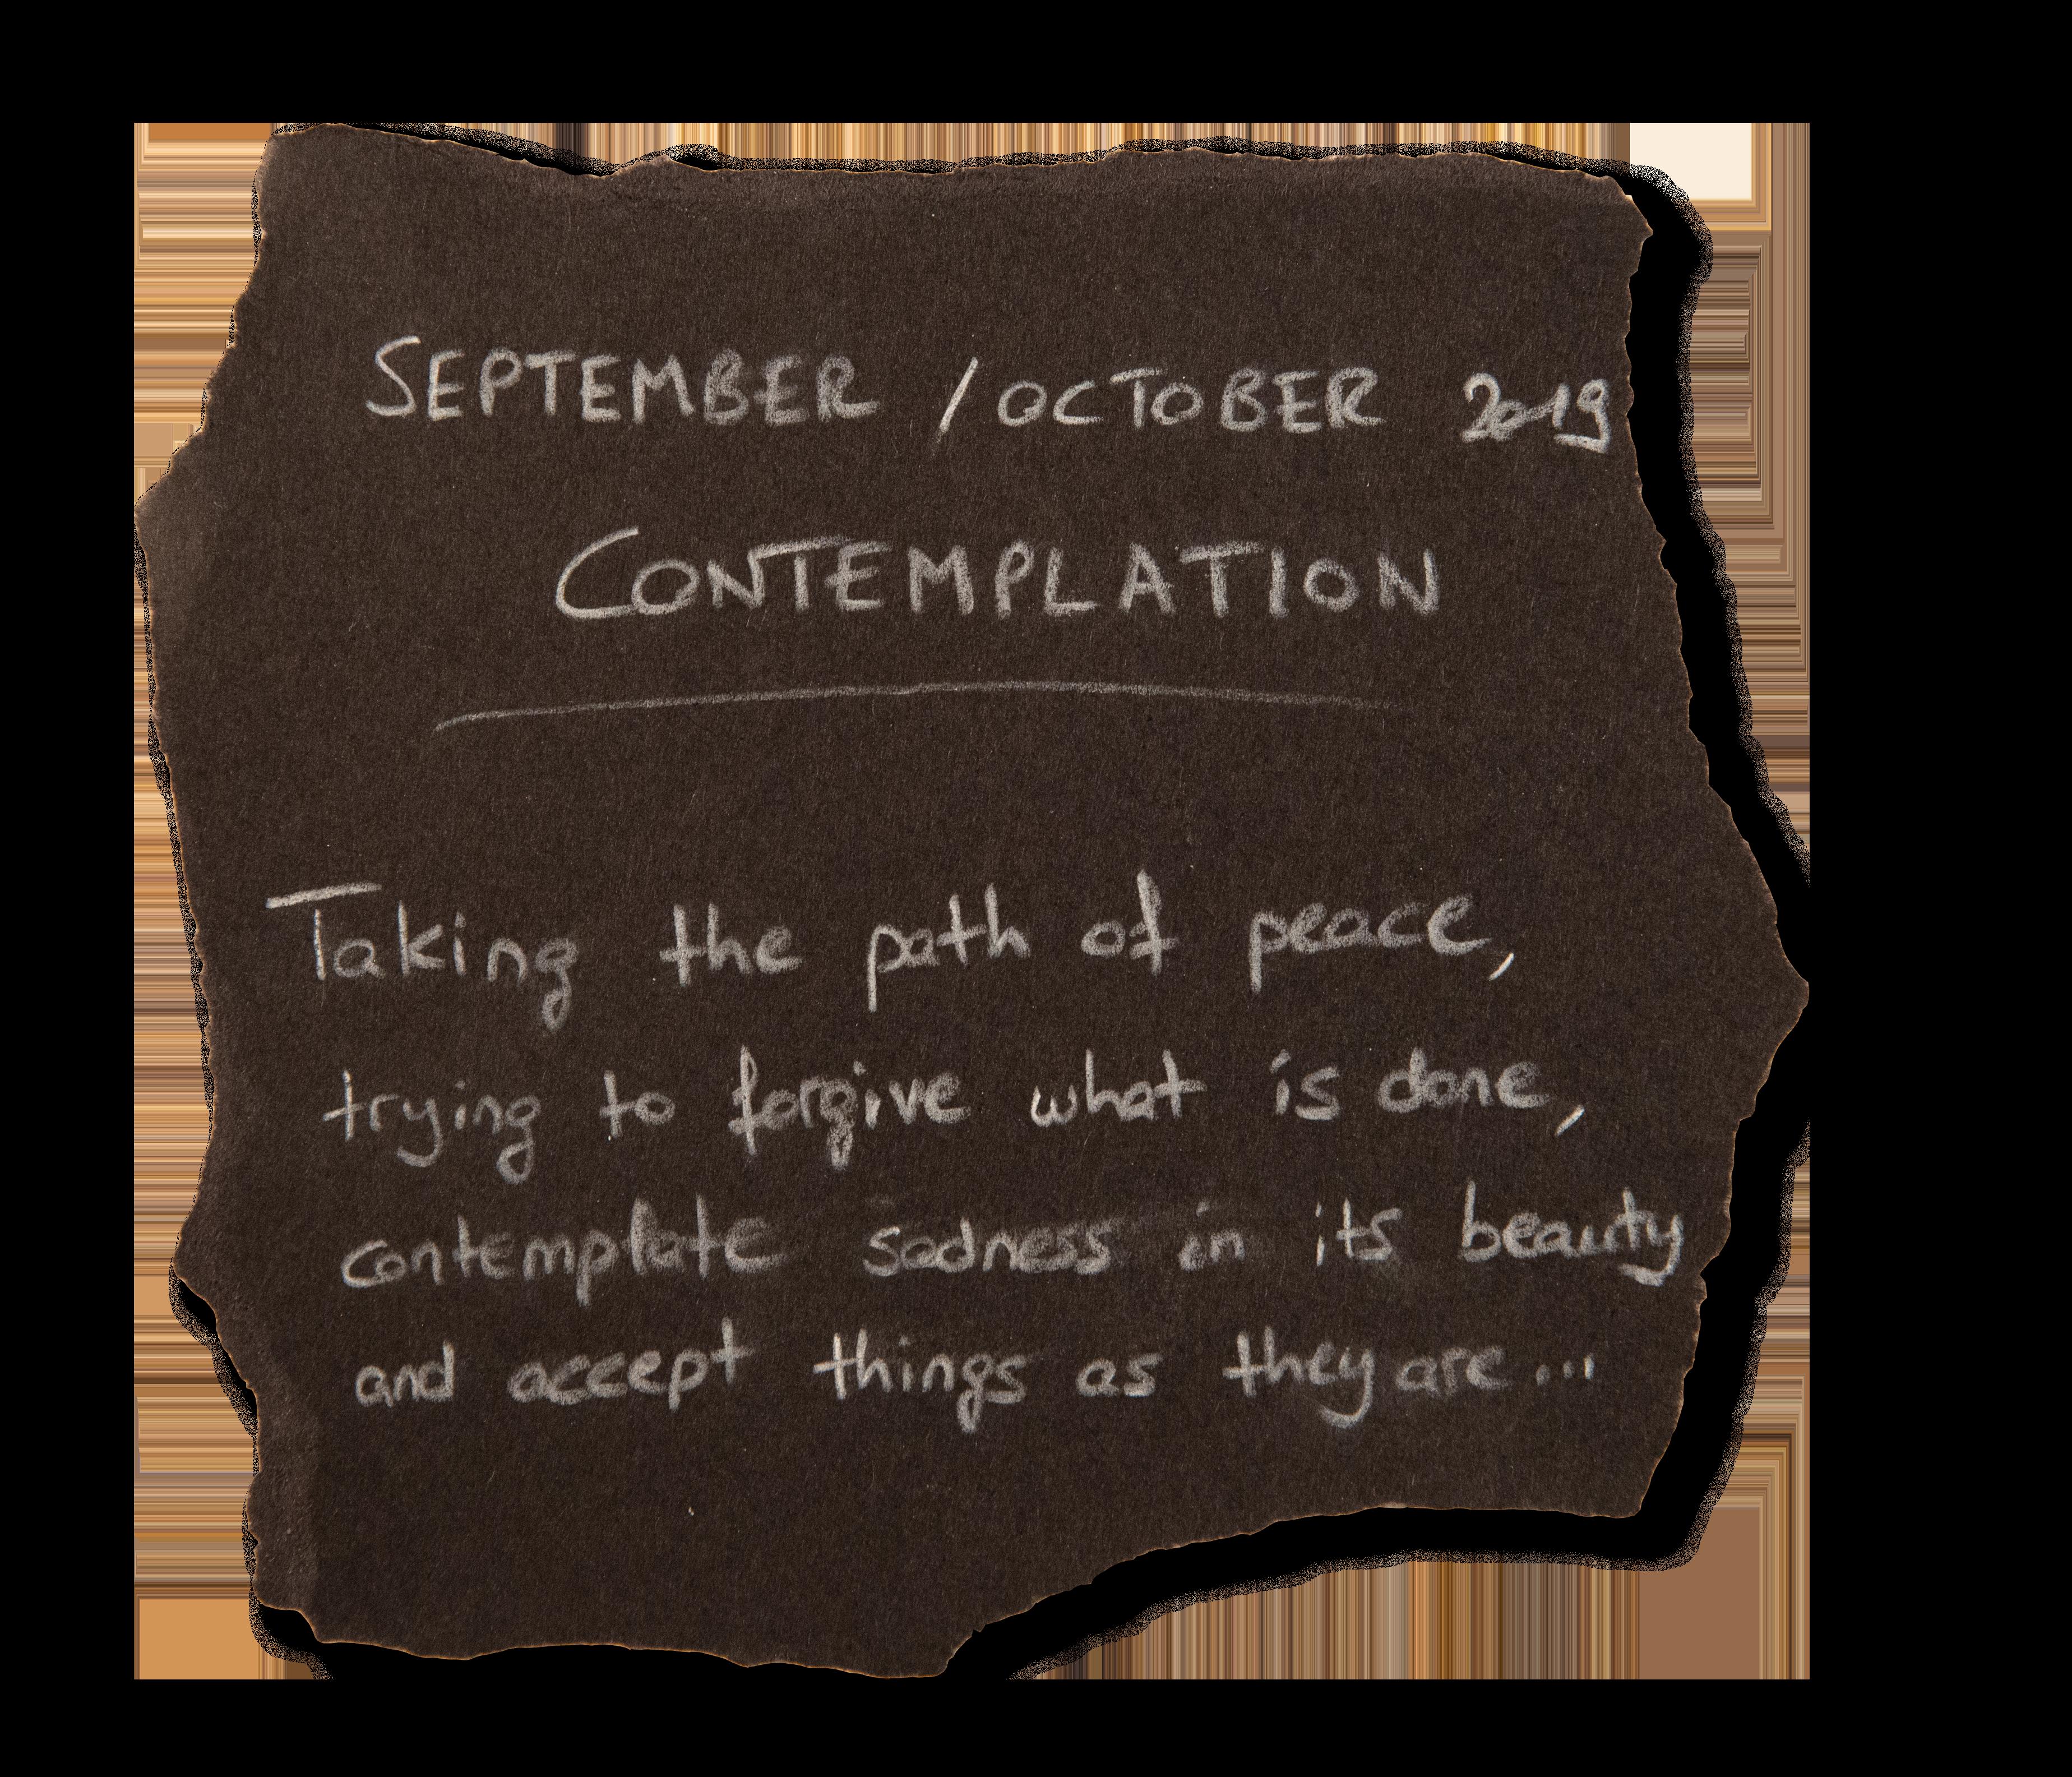 #6 - SEPTEMBER 2019 - CONTEMPLATION